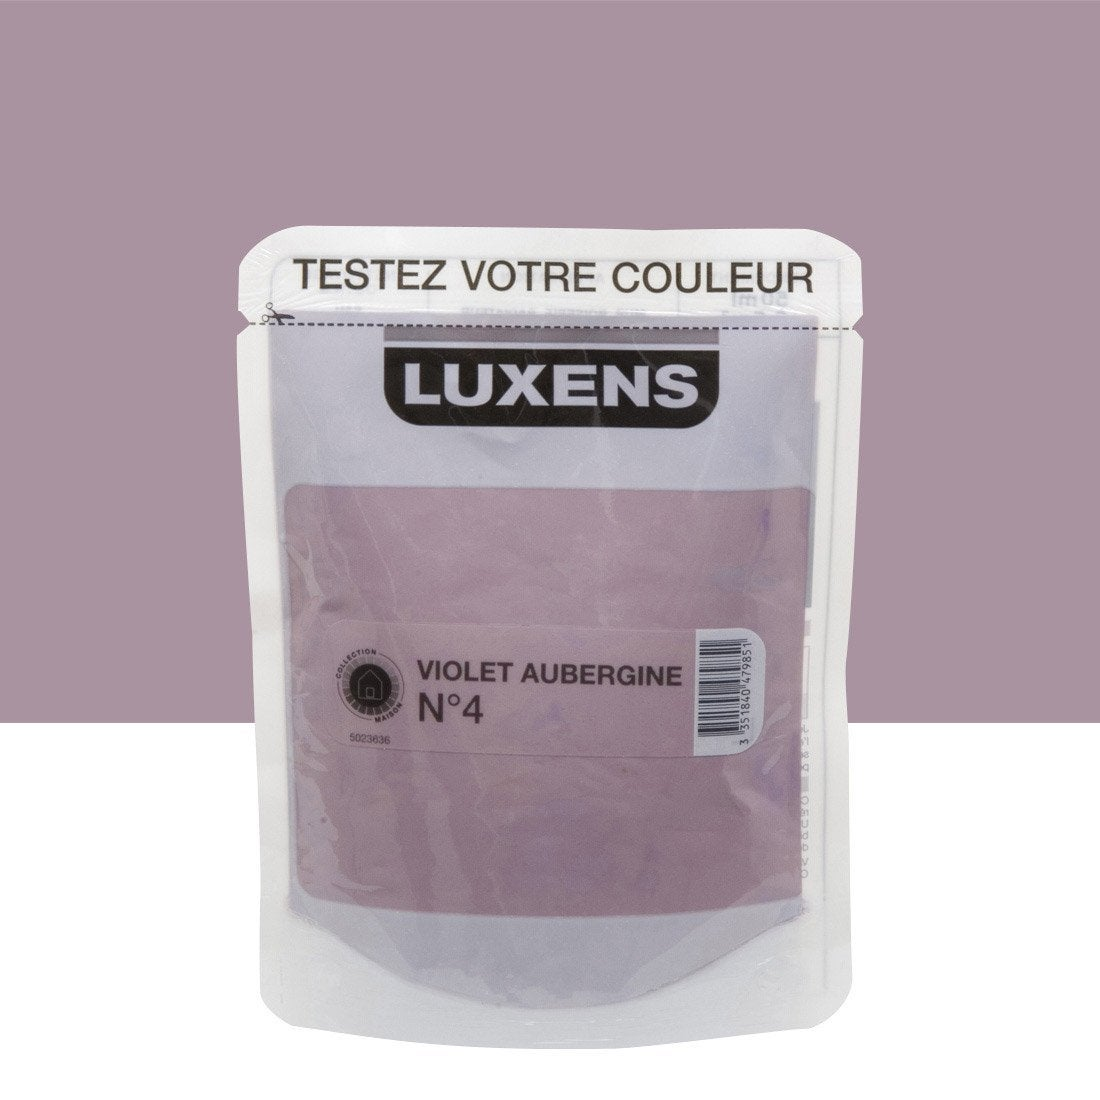 Testeur peinture violet aubergine 4 luxens couleurs int rieures satin l leroy merlin for Peinture aubergine cuisine